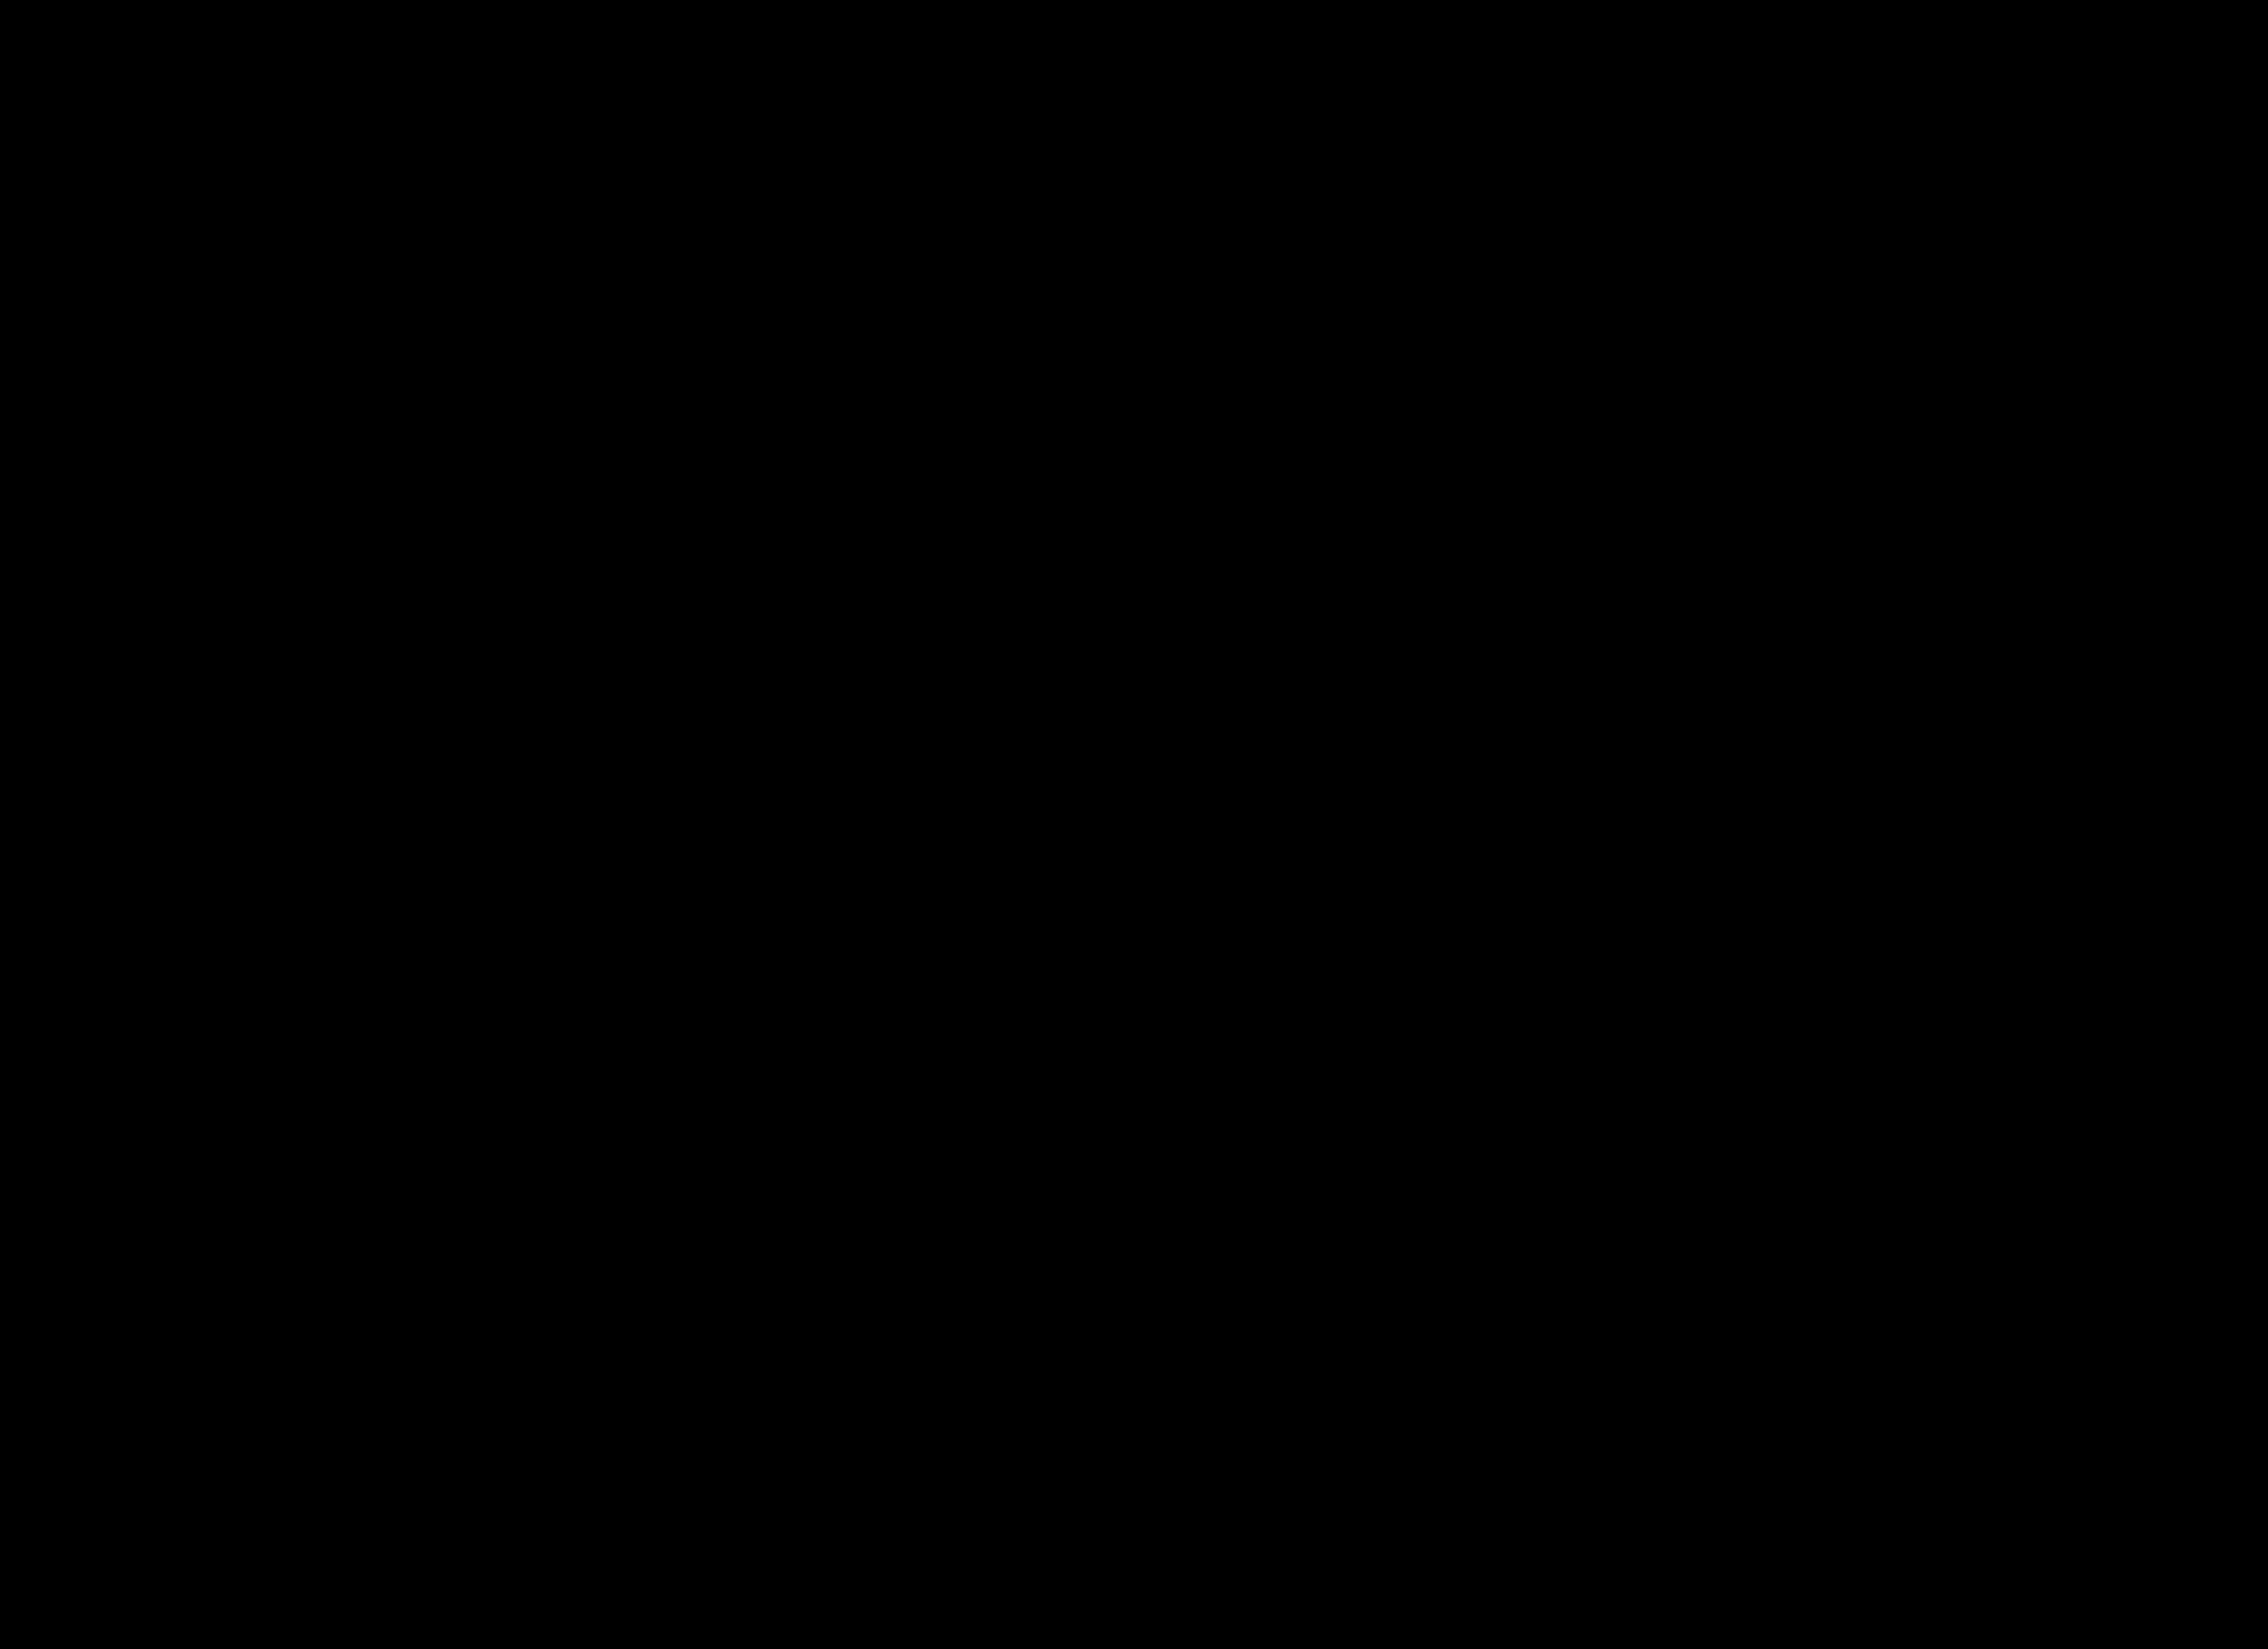 Comm secteur insertion pro image présentation R!